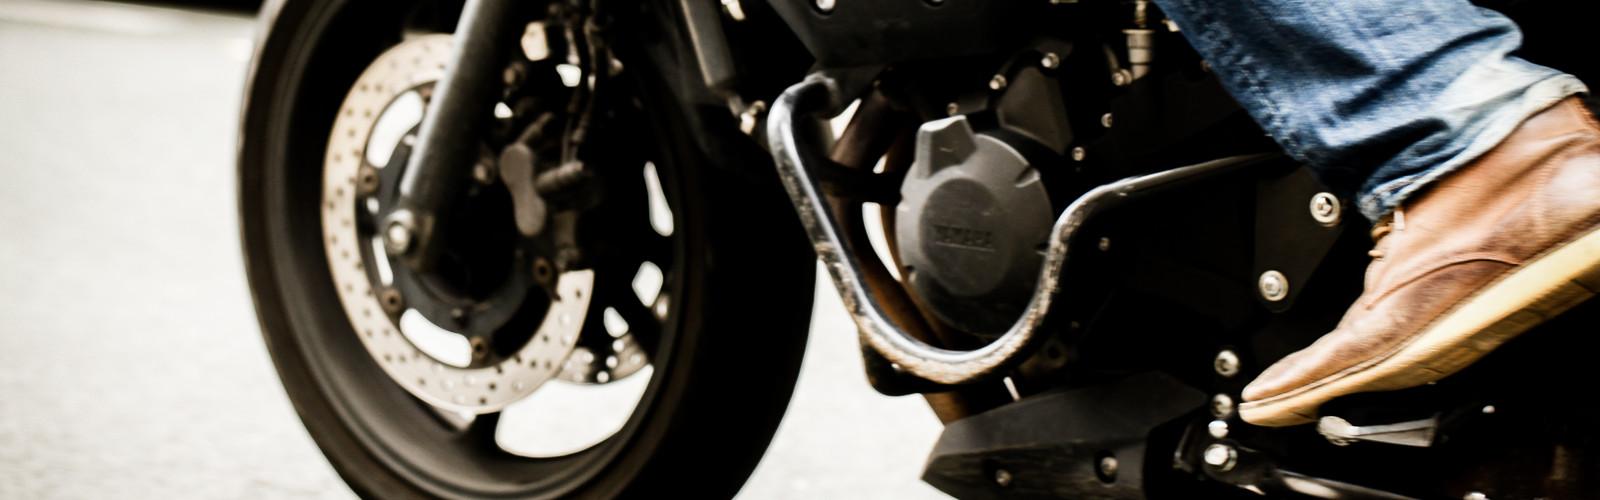 passez votre permis moto angers avec notre auto cole. Black Bedroom Furniture Sets. Home Design Ideas